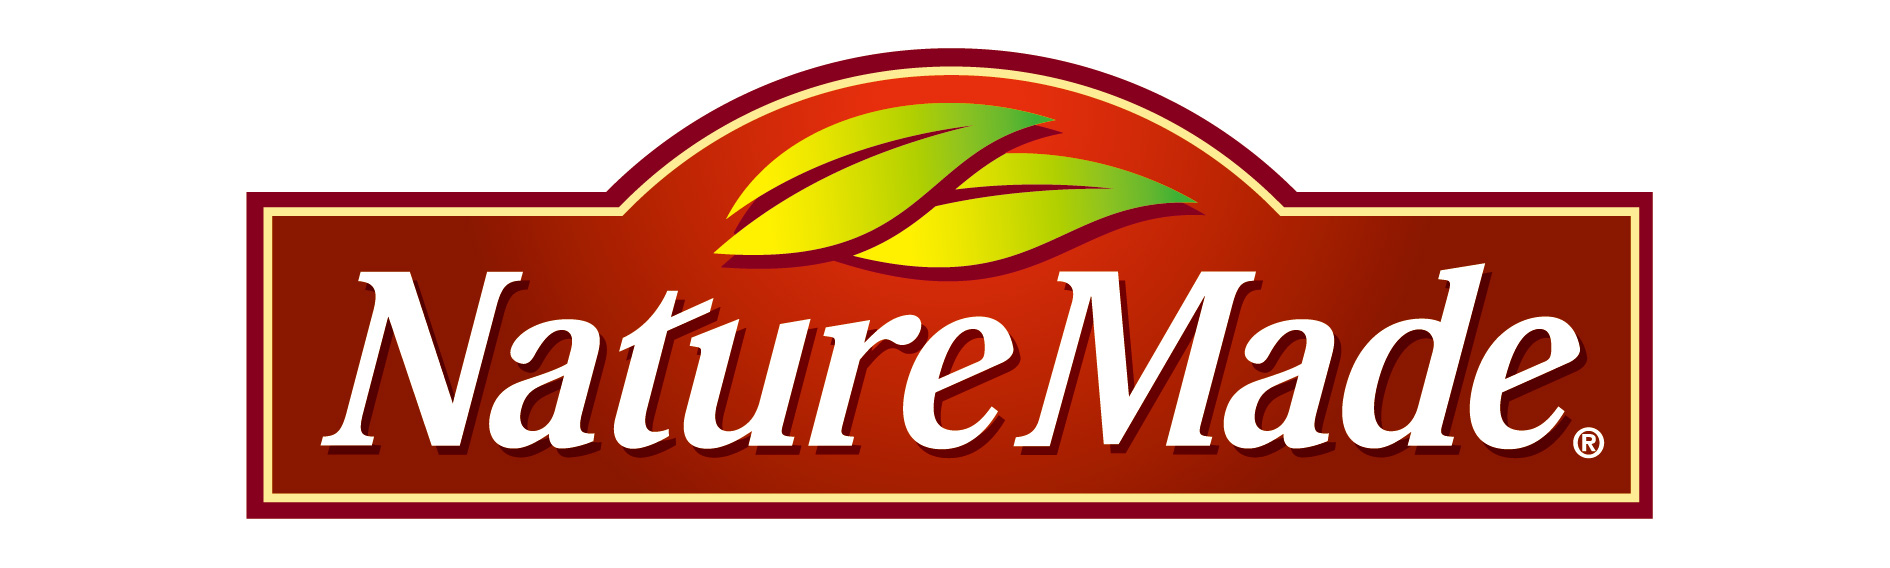 Naturemade